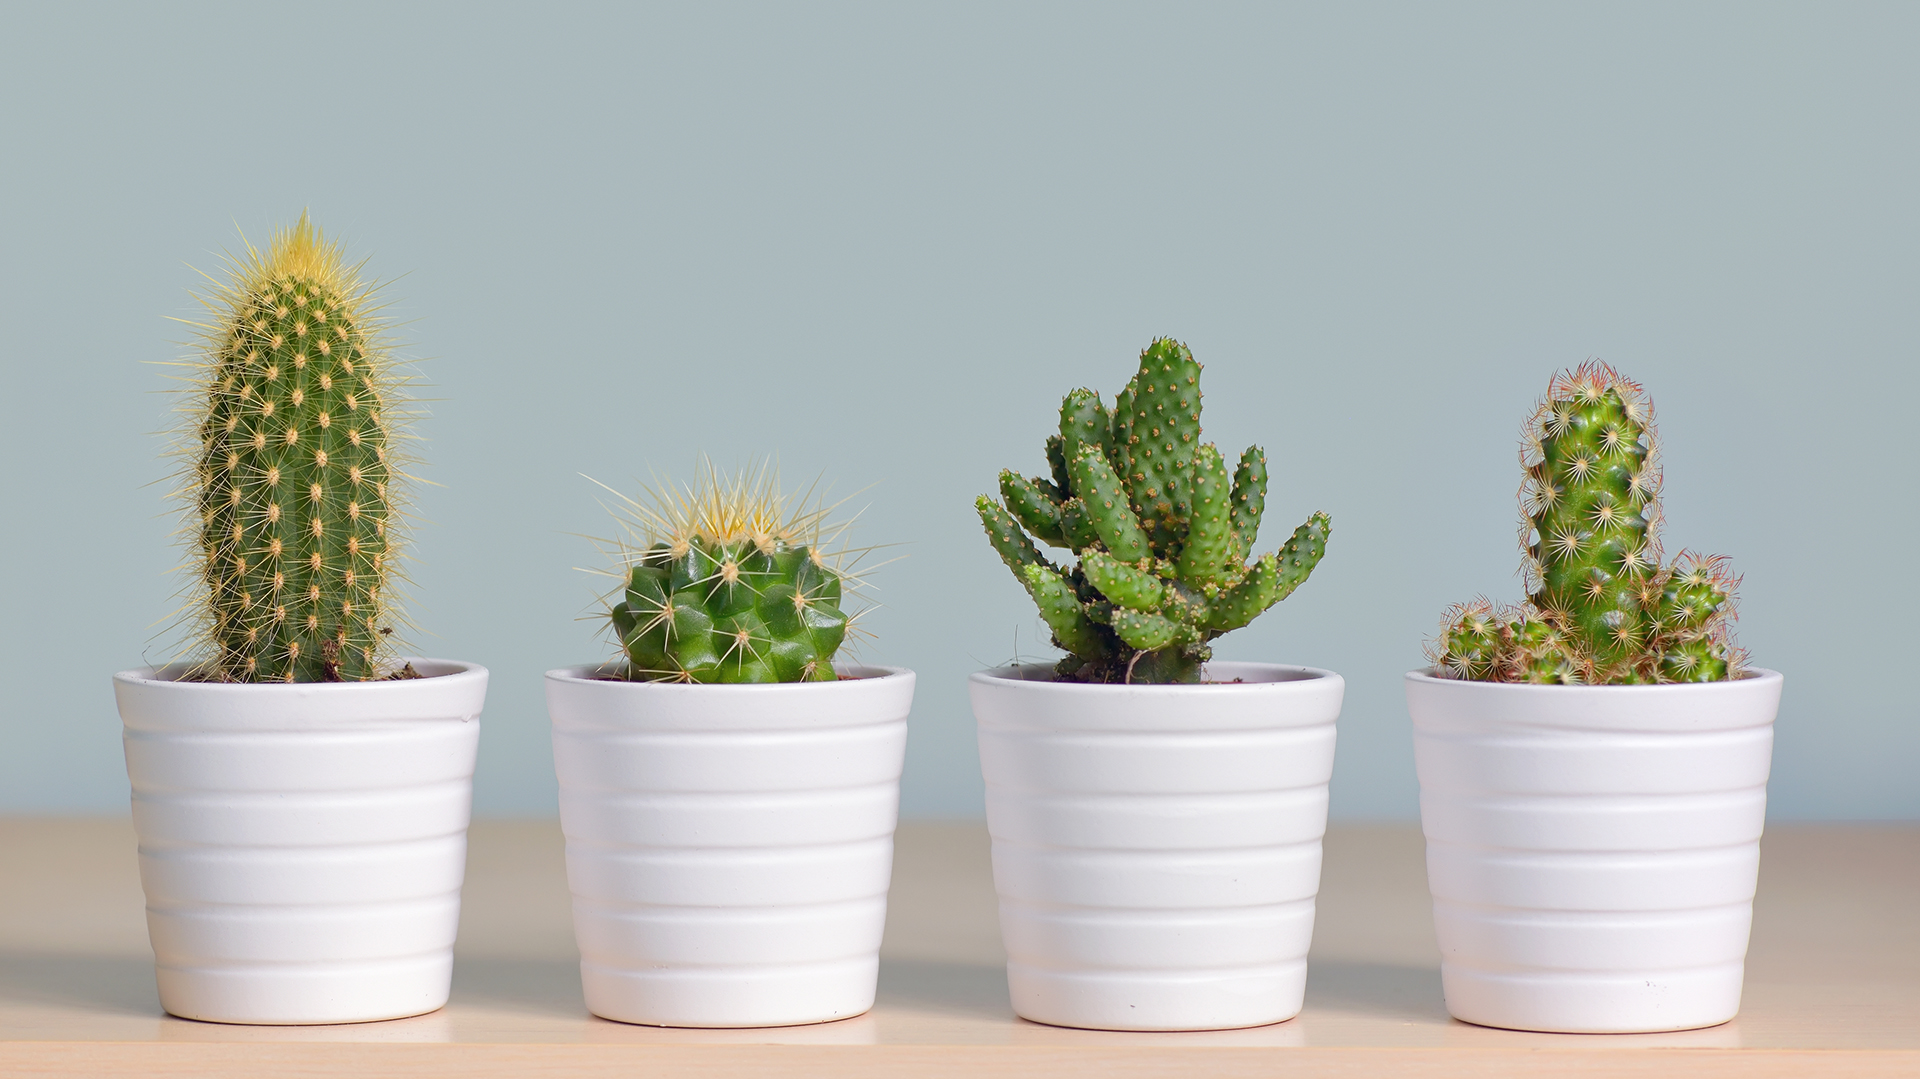 Las suculentas son más frágiles que los cactus (istock)